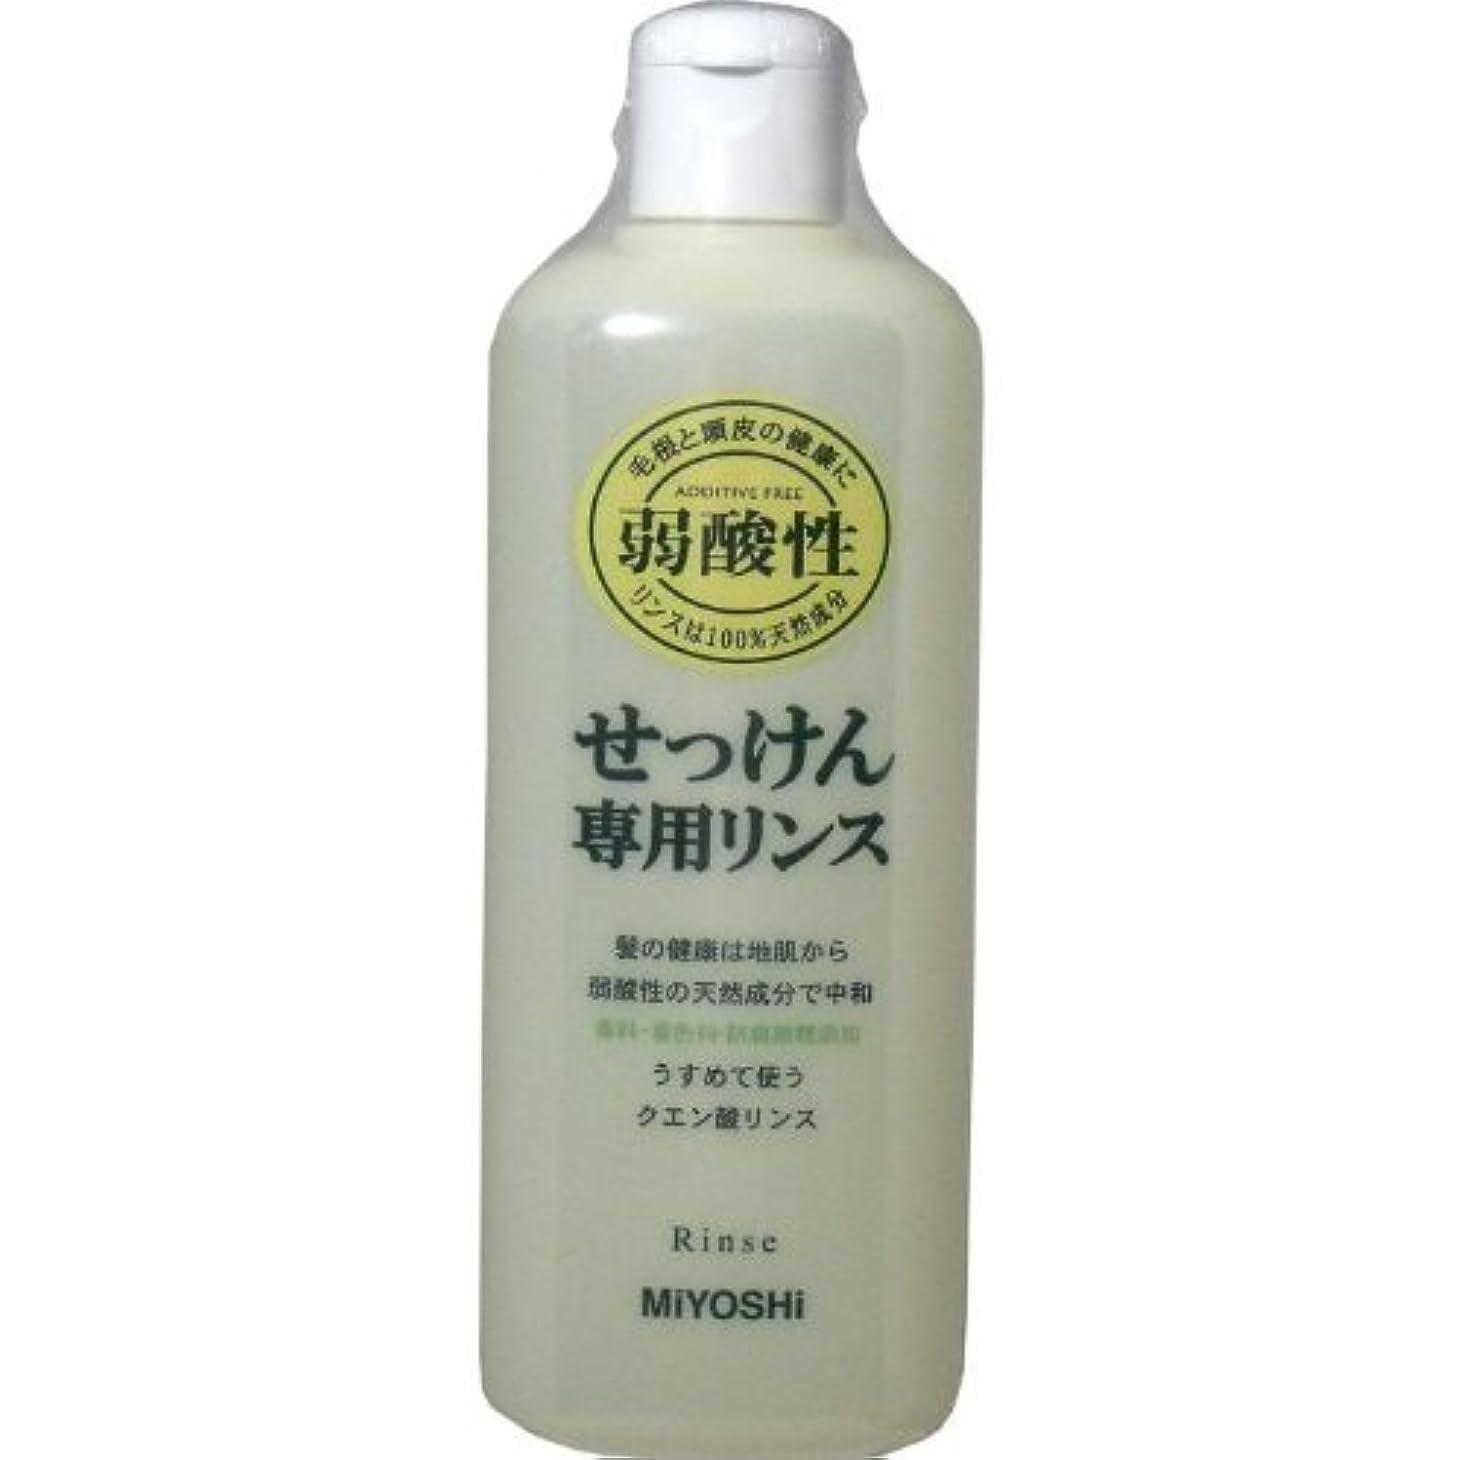 大騒ぎアンタゴニストピストン髪の健康は地肌から、弱酸性の天然成分で中和!!香料、防腐剤、着色料無添加!うすめて使うクエン酸リンス!リンス 350mL【4個セット】